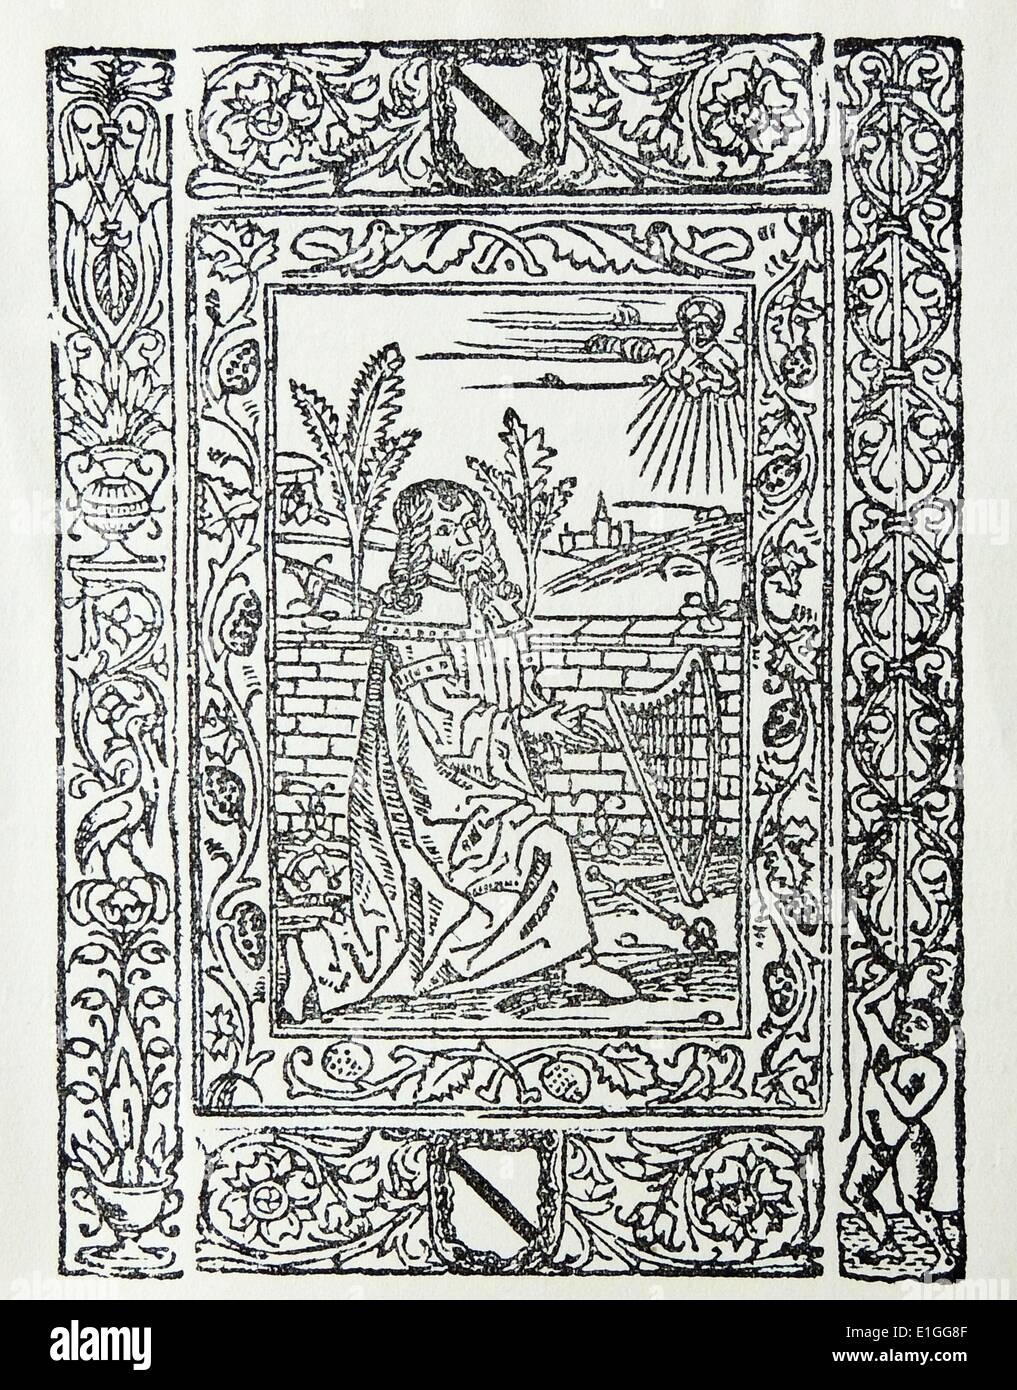 Ilustración de la Exposicion de Devotissima Title-Page sobre el psalmo de Miserere. Fecha 1578 Imagen De Stock